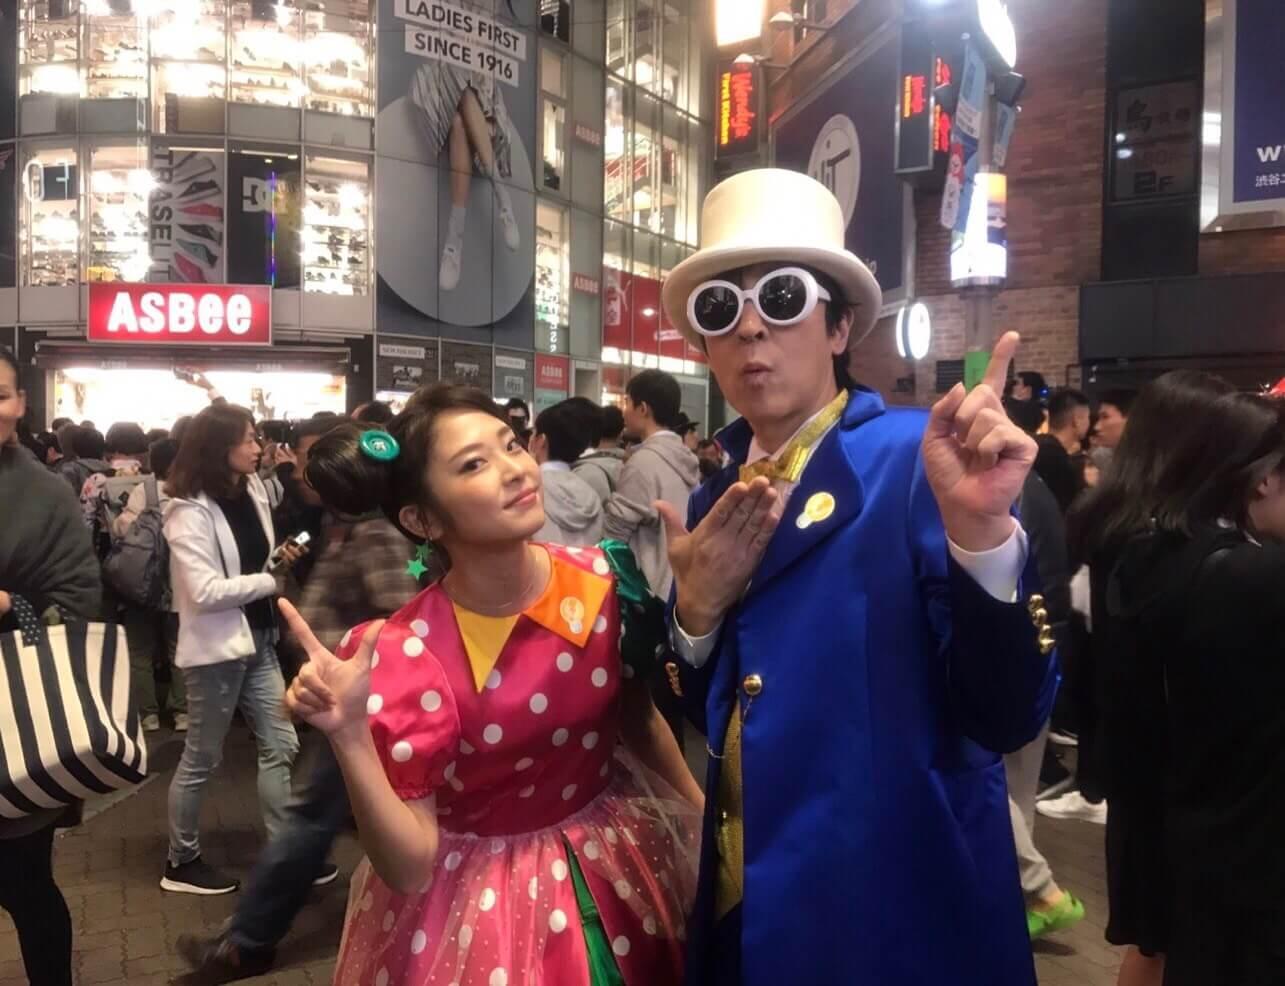 ELT伊藤一朗、ハロウィーンコスプレで渋谷に現るも気づかれずサムネイル画像